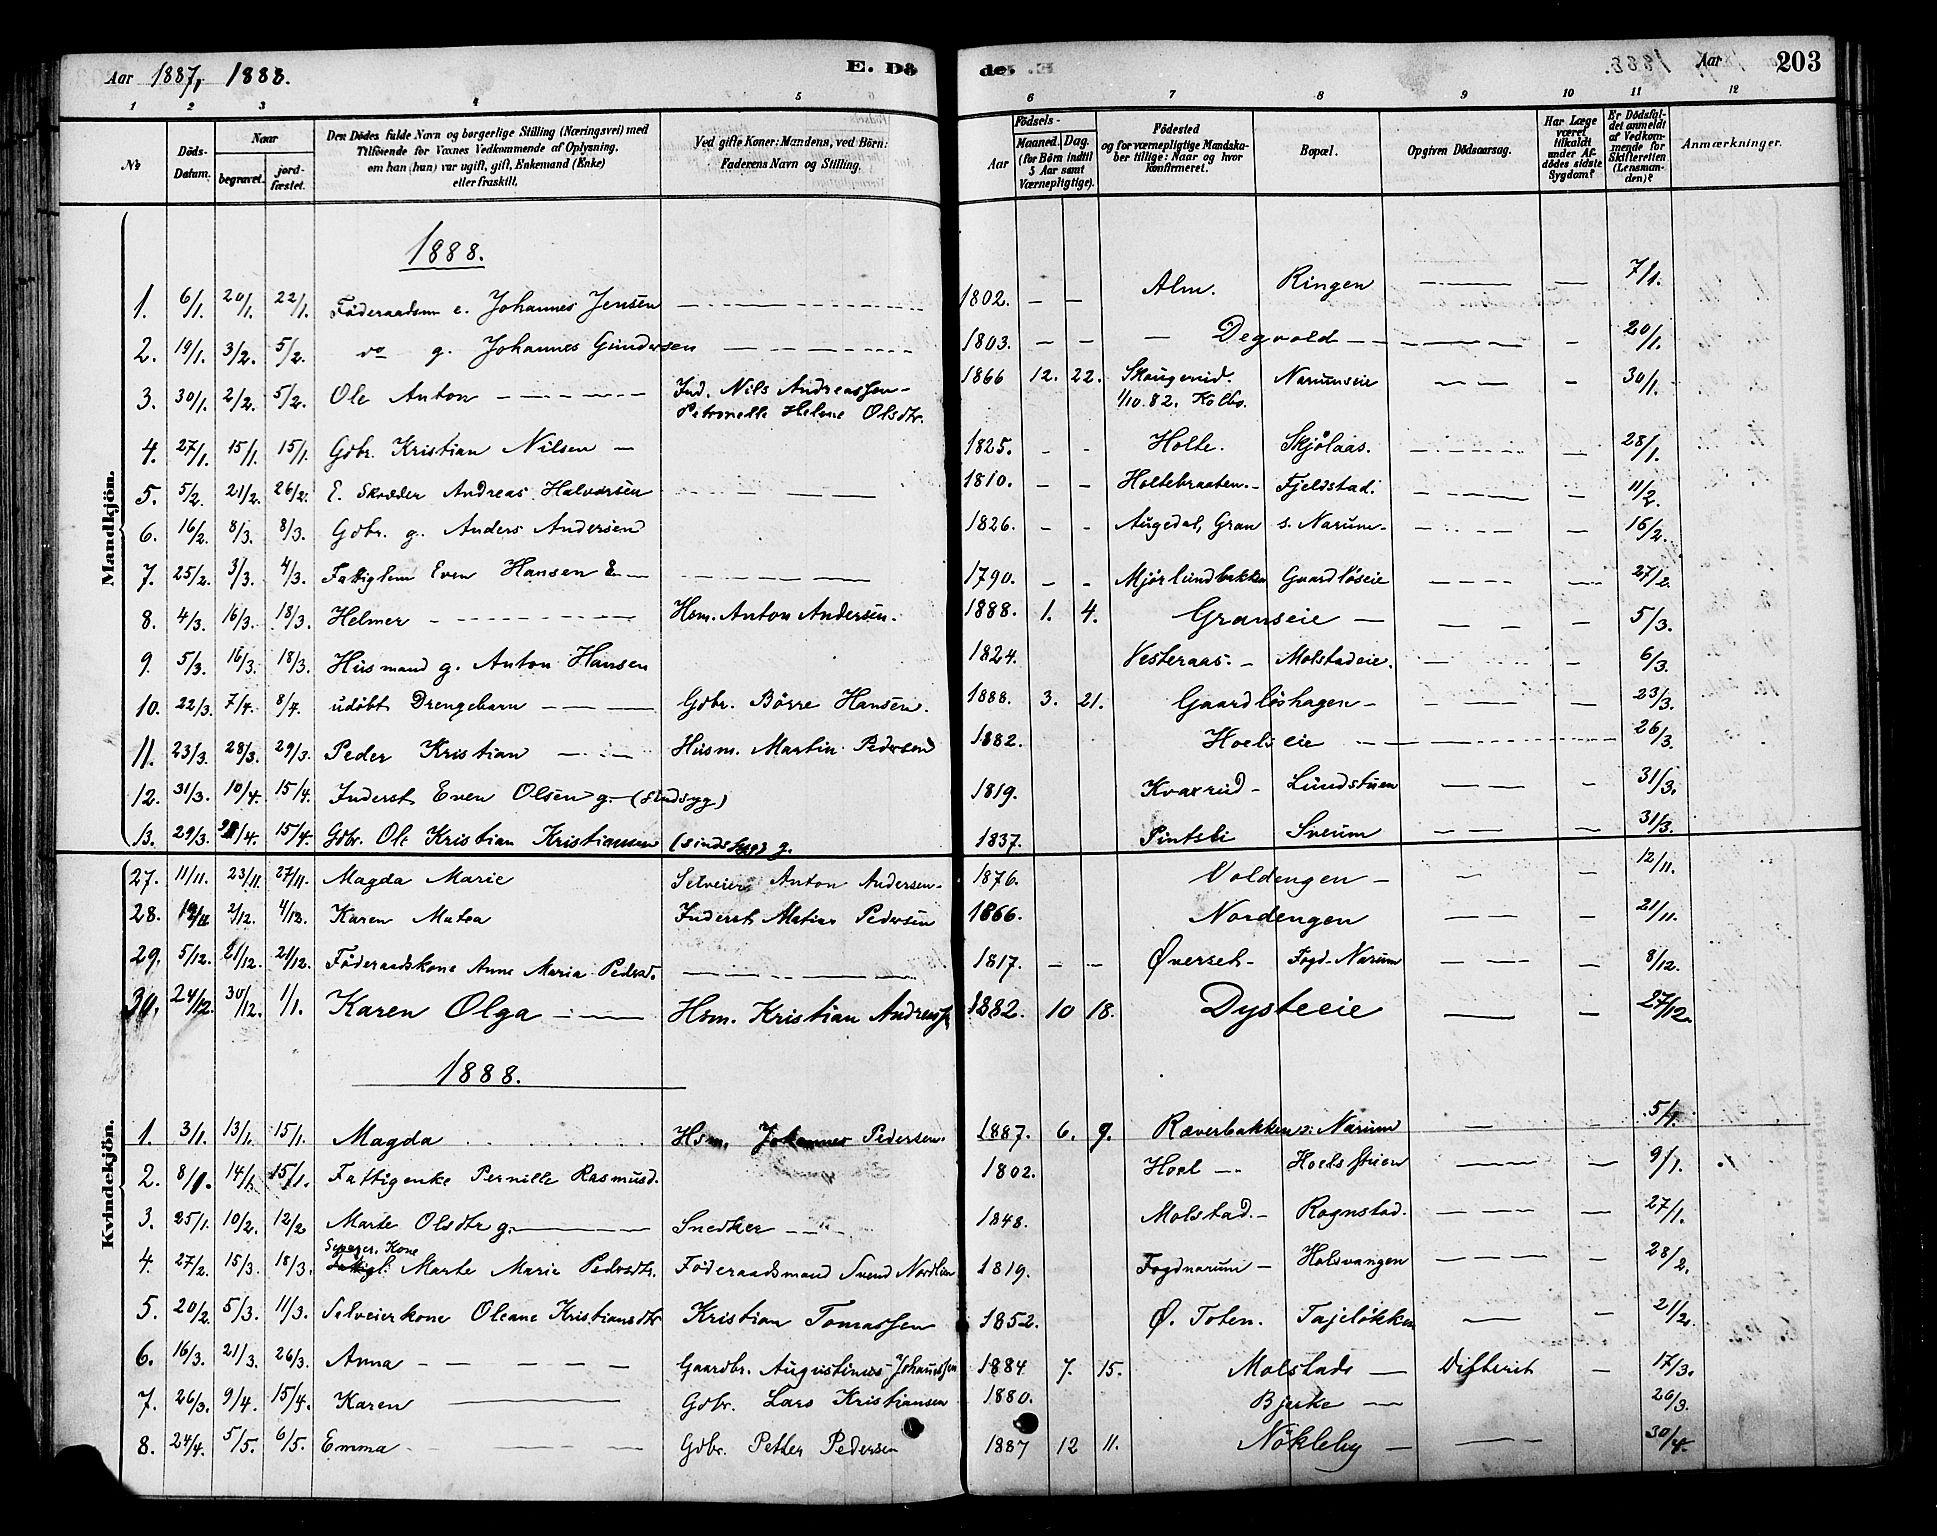 SAH, Vestre Toten prestekontor, Ministerialbok nr. 10, 1878-1894, s. 203